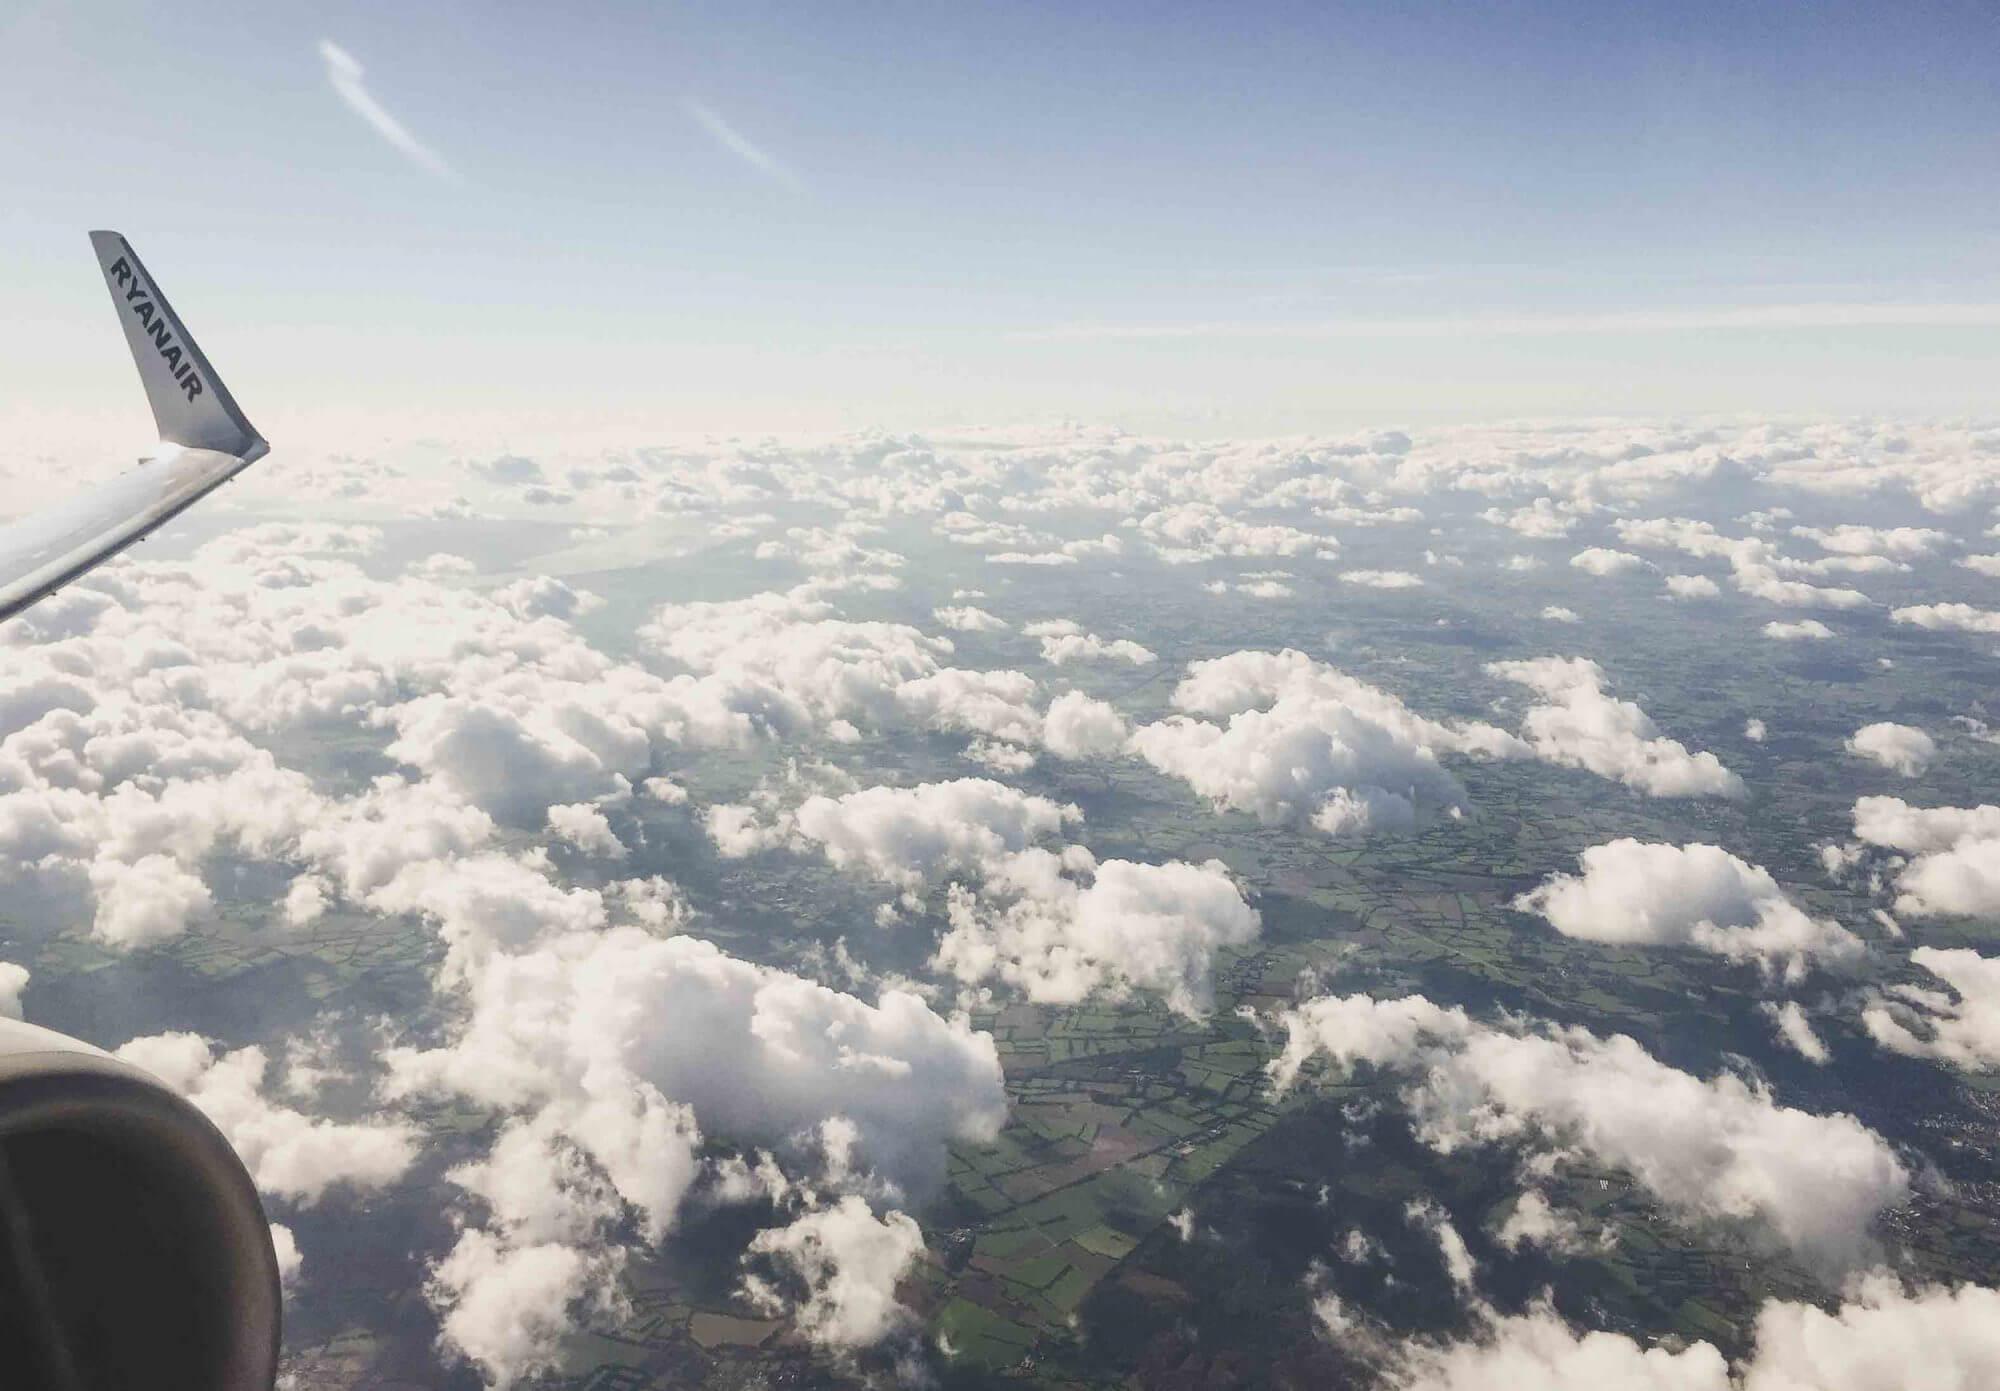 Pourquoi j'ai eu peur de voyager avec un drone en avion ?